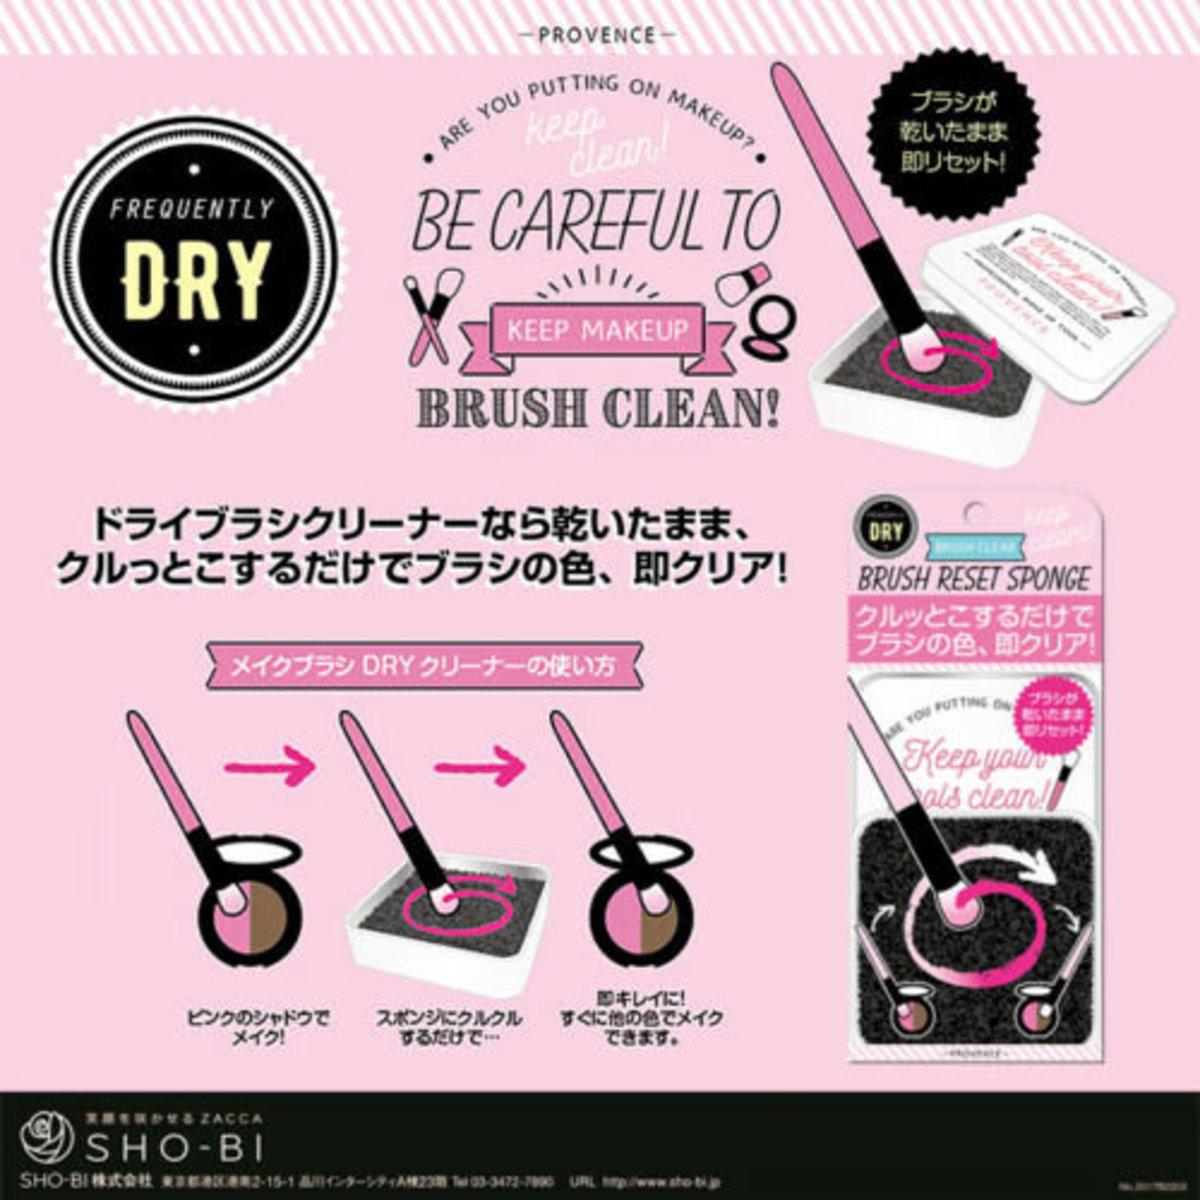 Japan Makeup Brush Dry Cleaner / Brush Reset Sponge